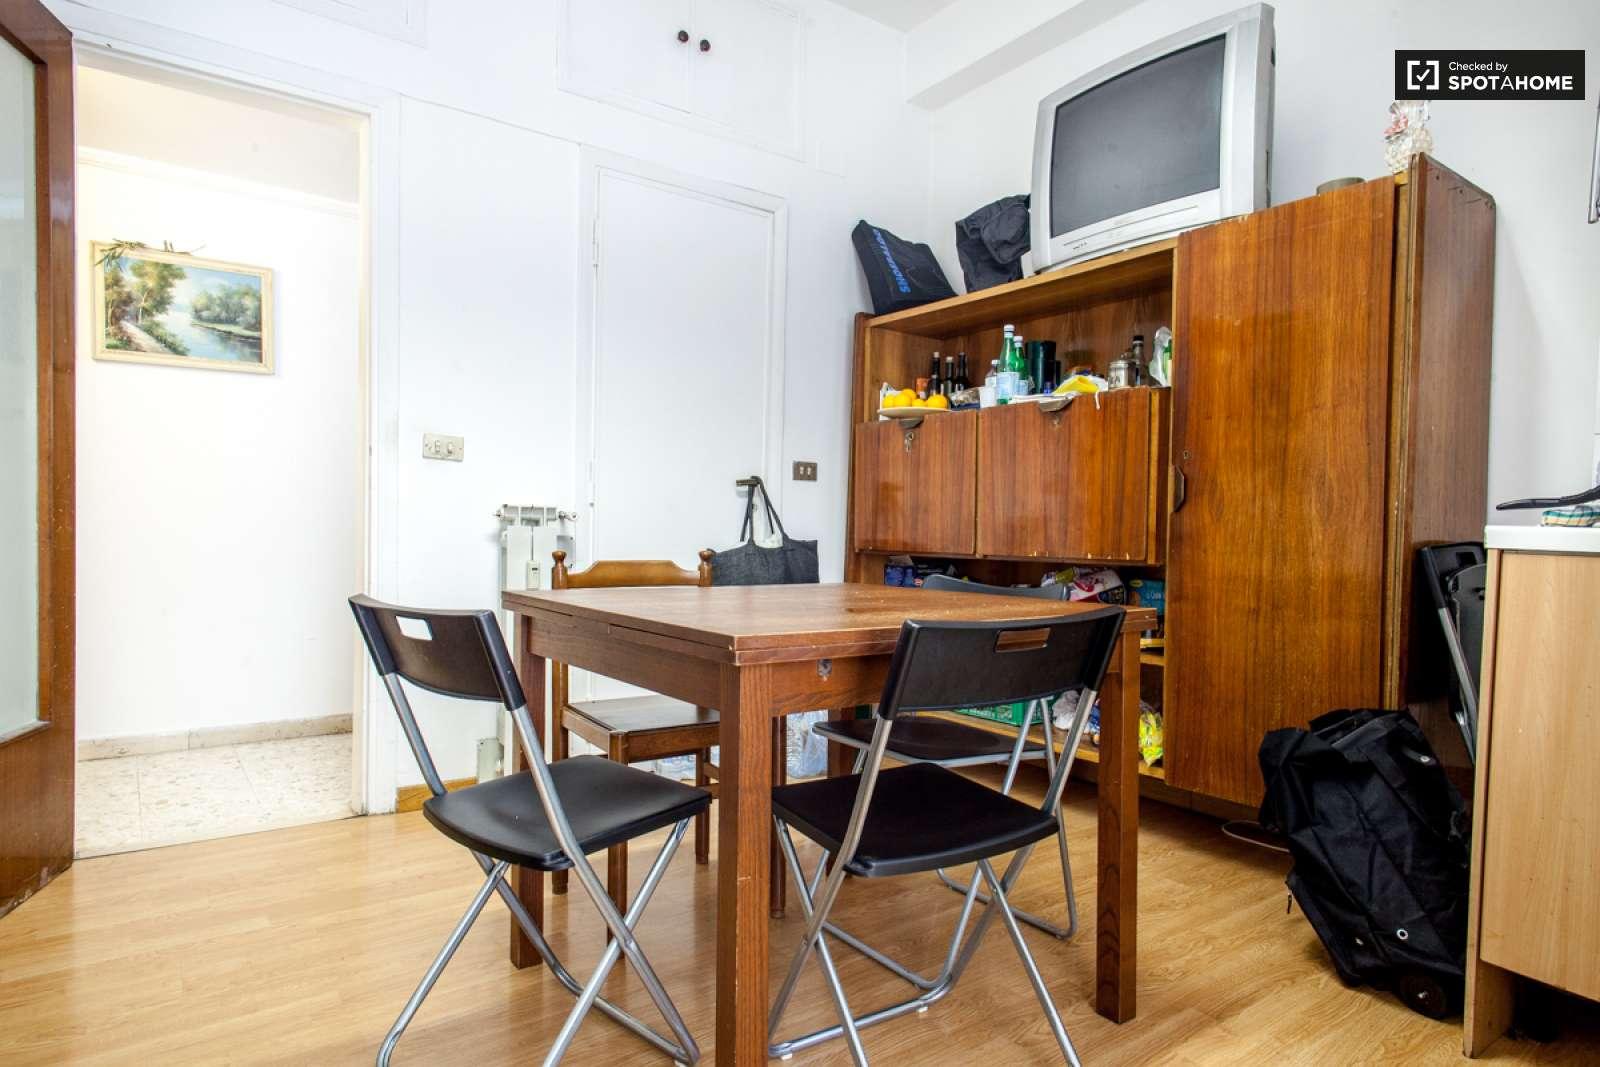 Stanze in affitto in un appartamento con 5 camere da letto for Villa con 5 camere da letto